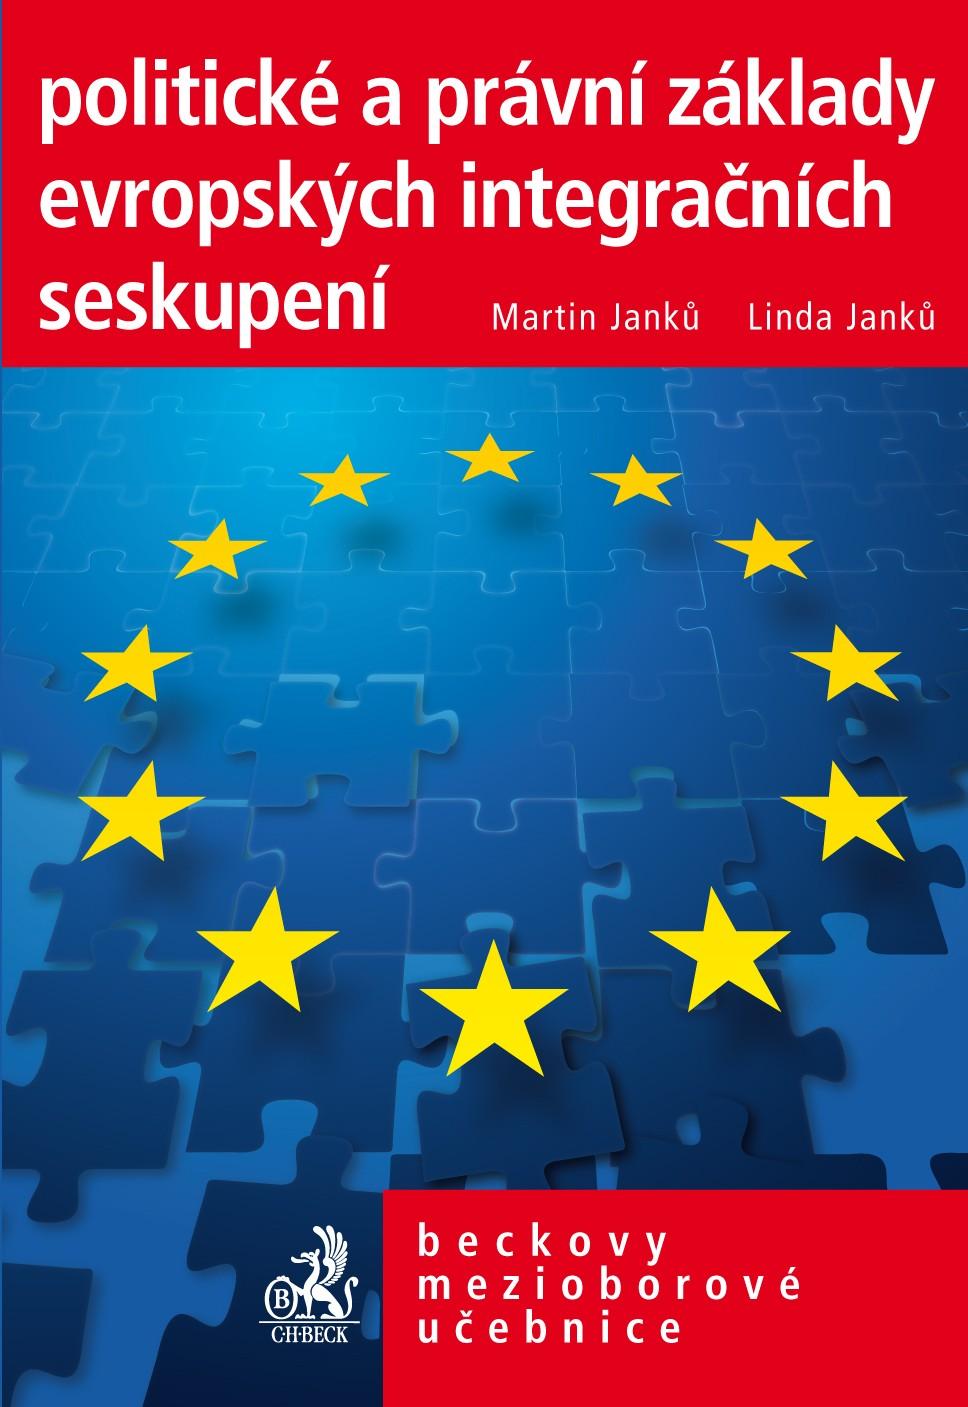 Politické a právní základy evropských intergračních seskupení - Martin a Linda Janků /bazarové zboží/